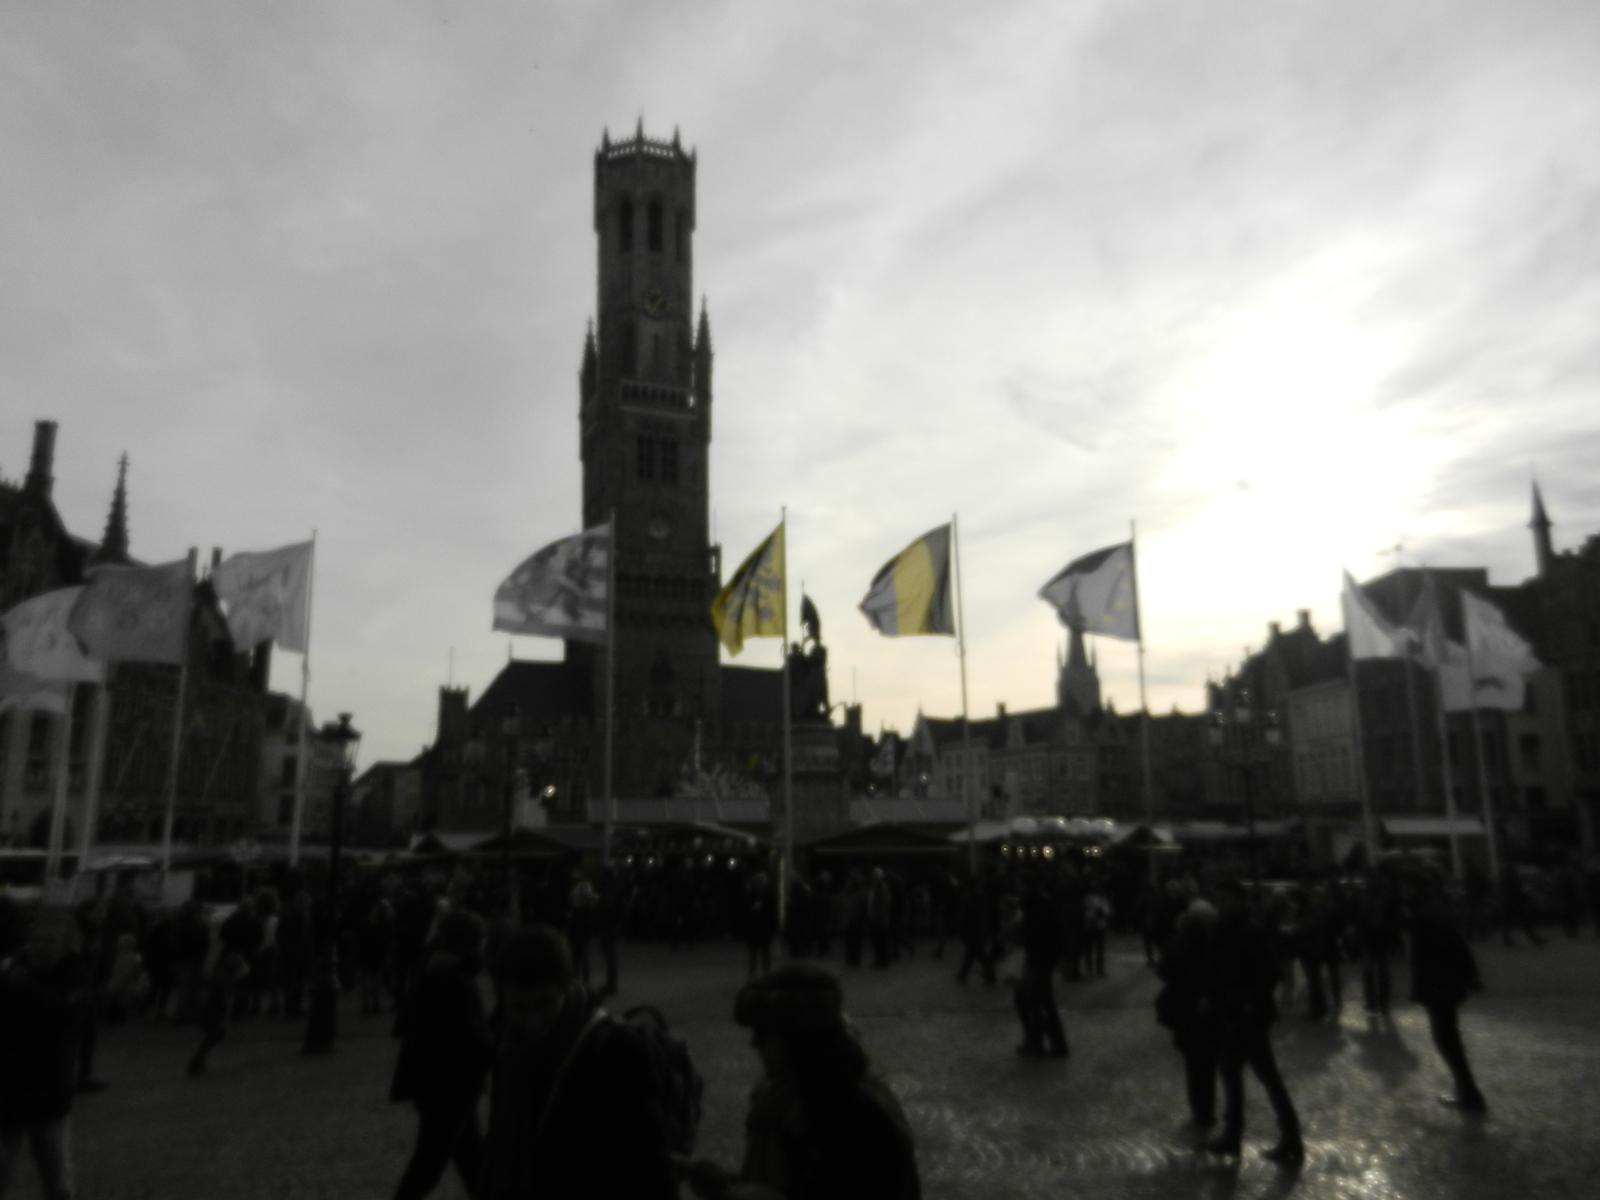 De Ronde Van Vlaanderen-2015 (Monumento) In4buw